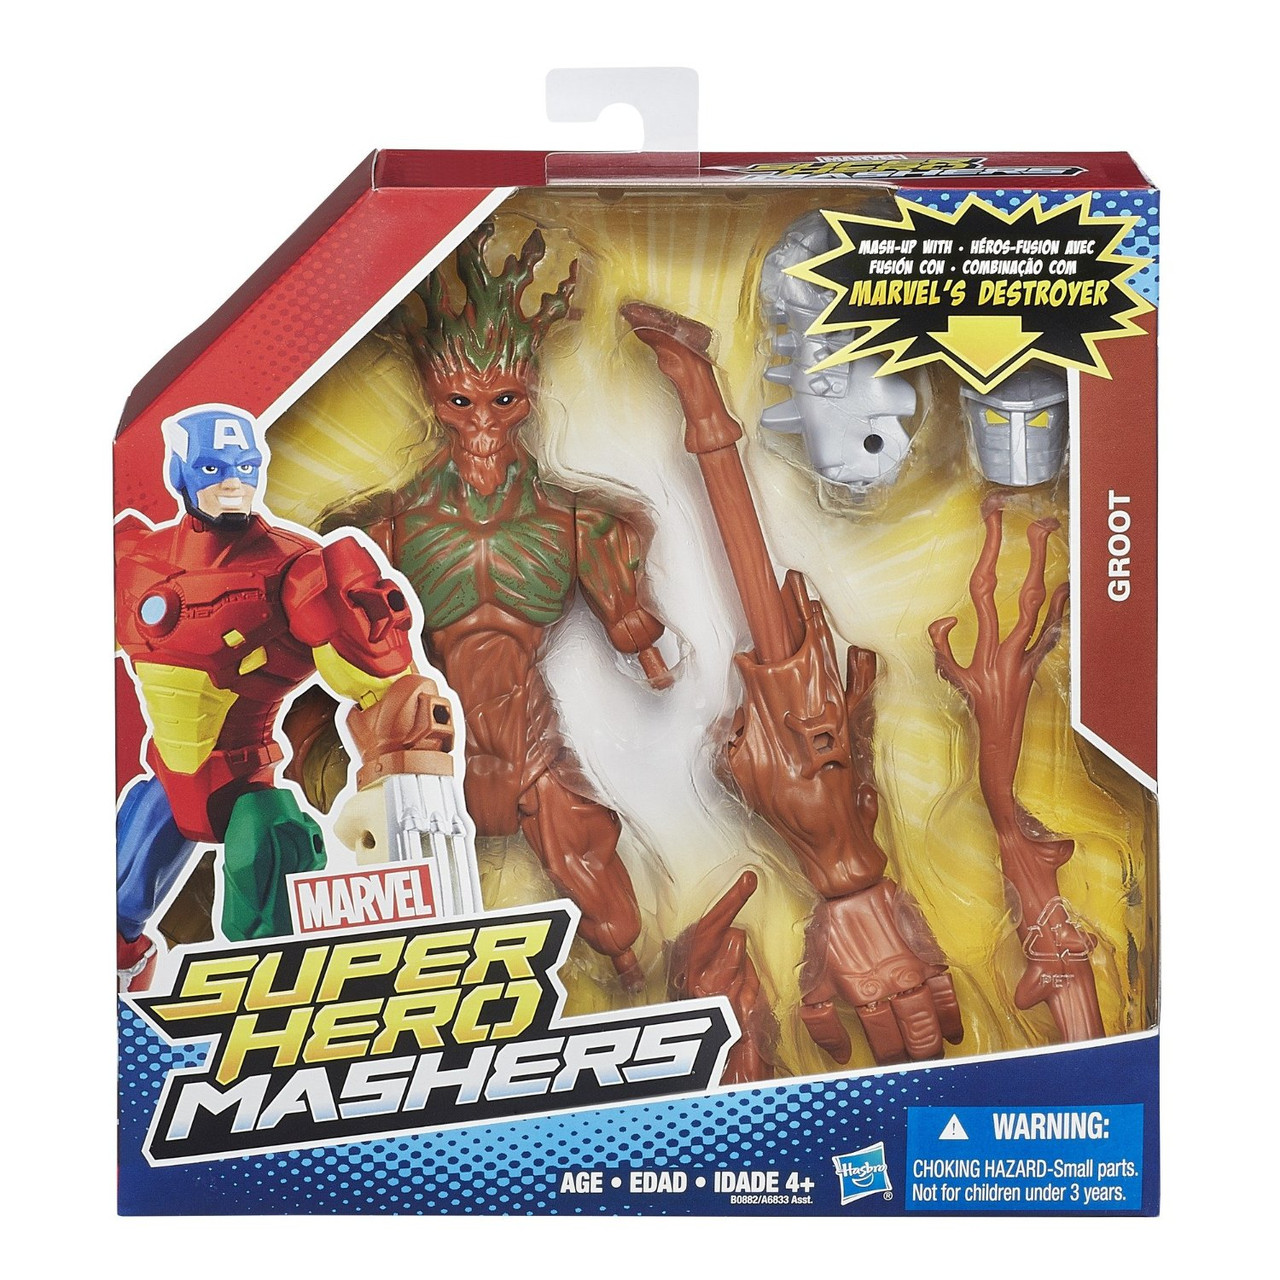 Разборные фигурки супергероев, Грут - Groot, Super Hero Mashers, Marvel, Hasbro